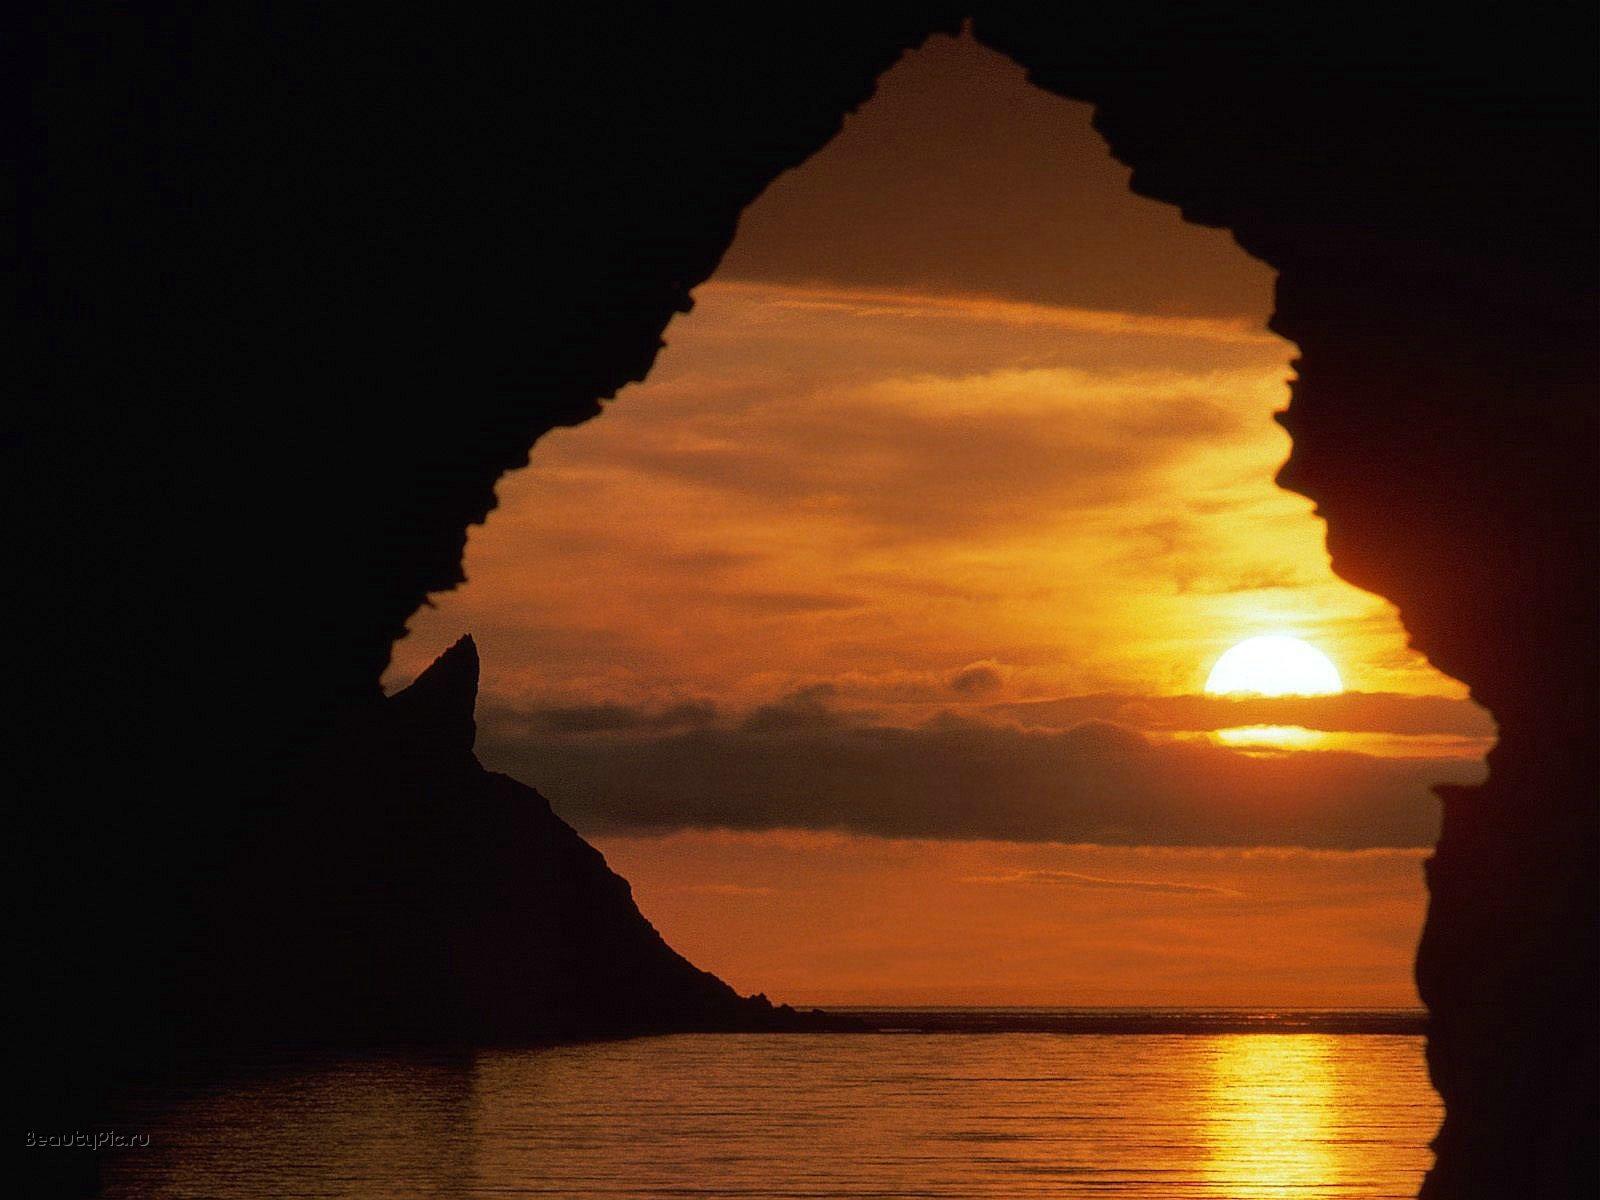 8980 скачать обои Пейзаж, Закат, Небо, Море, Солнце - заставки и картинки бесплатно